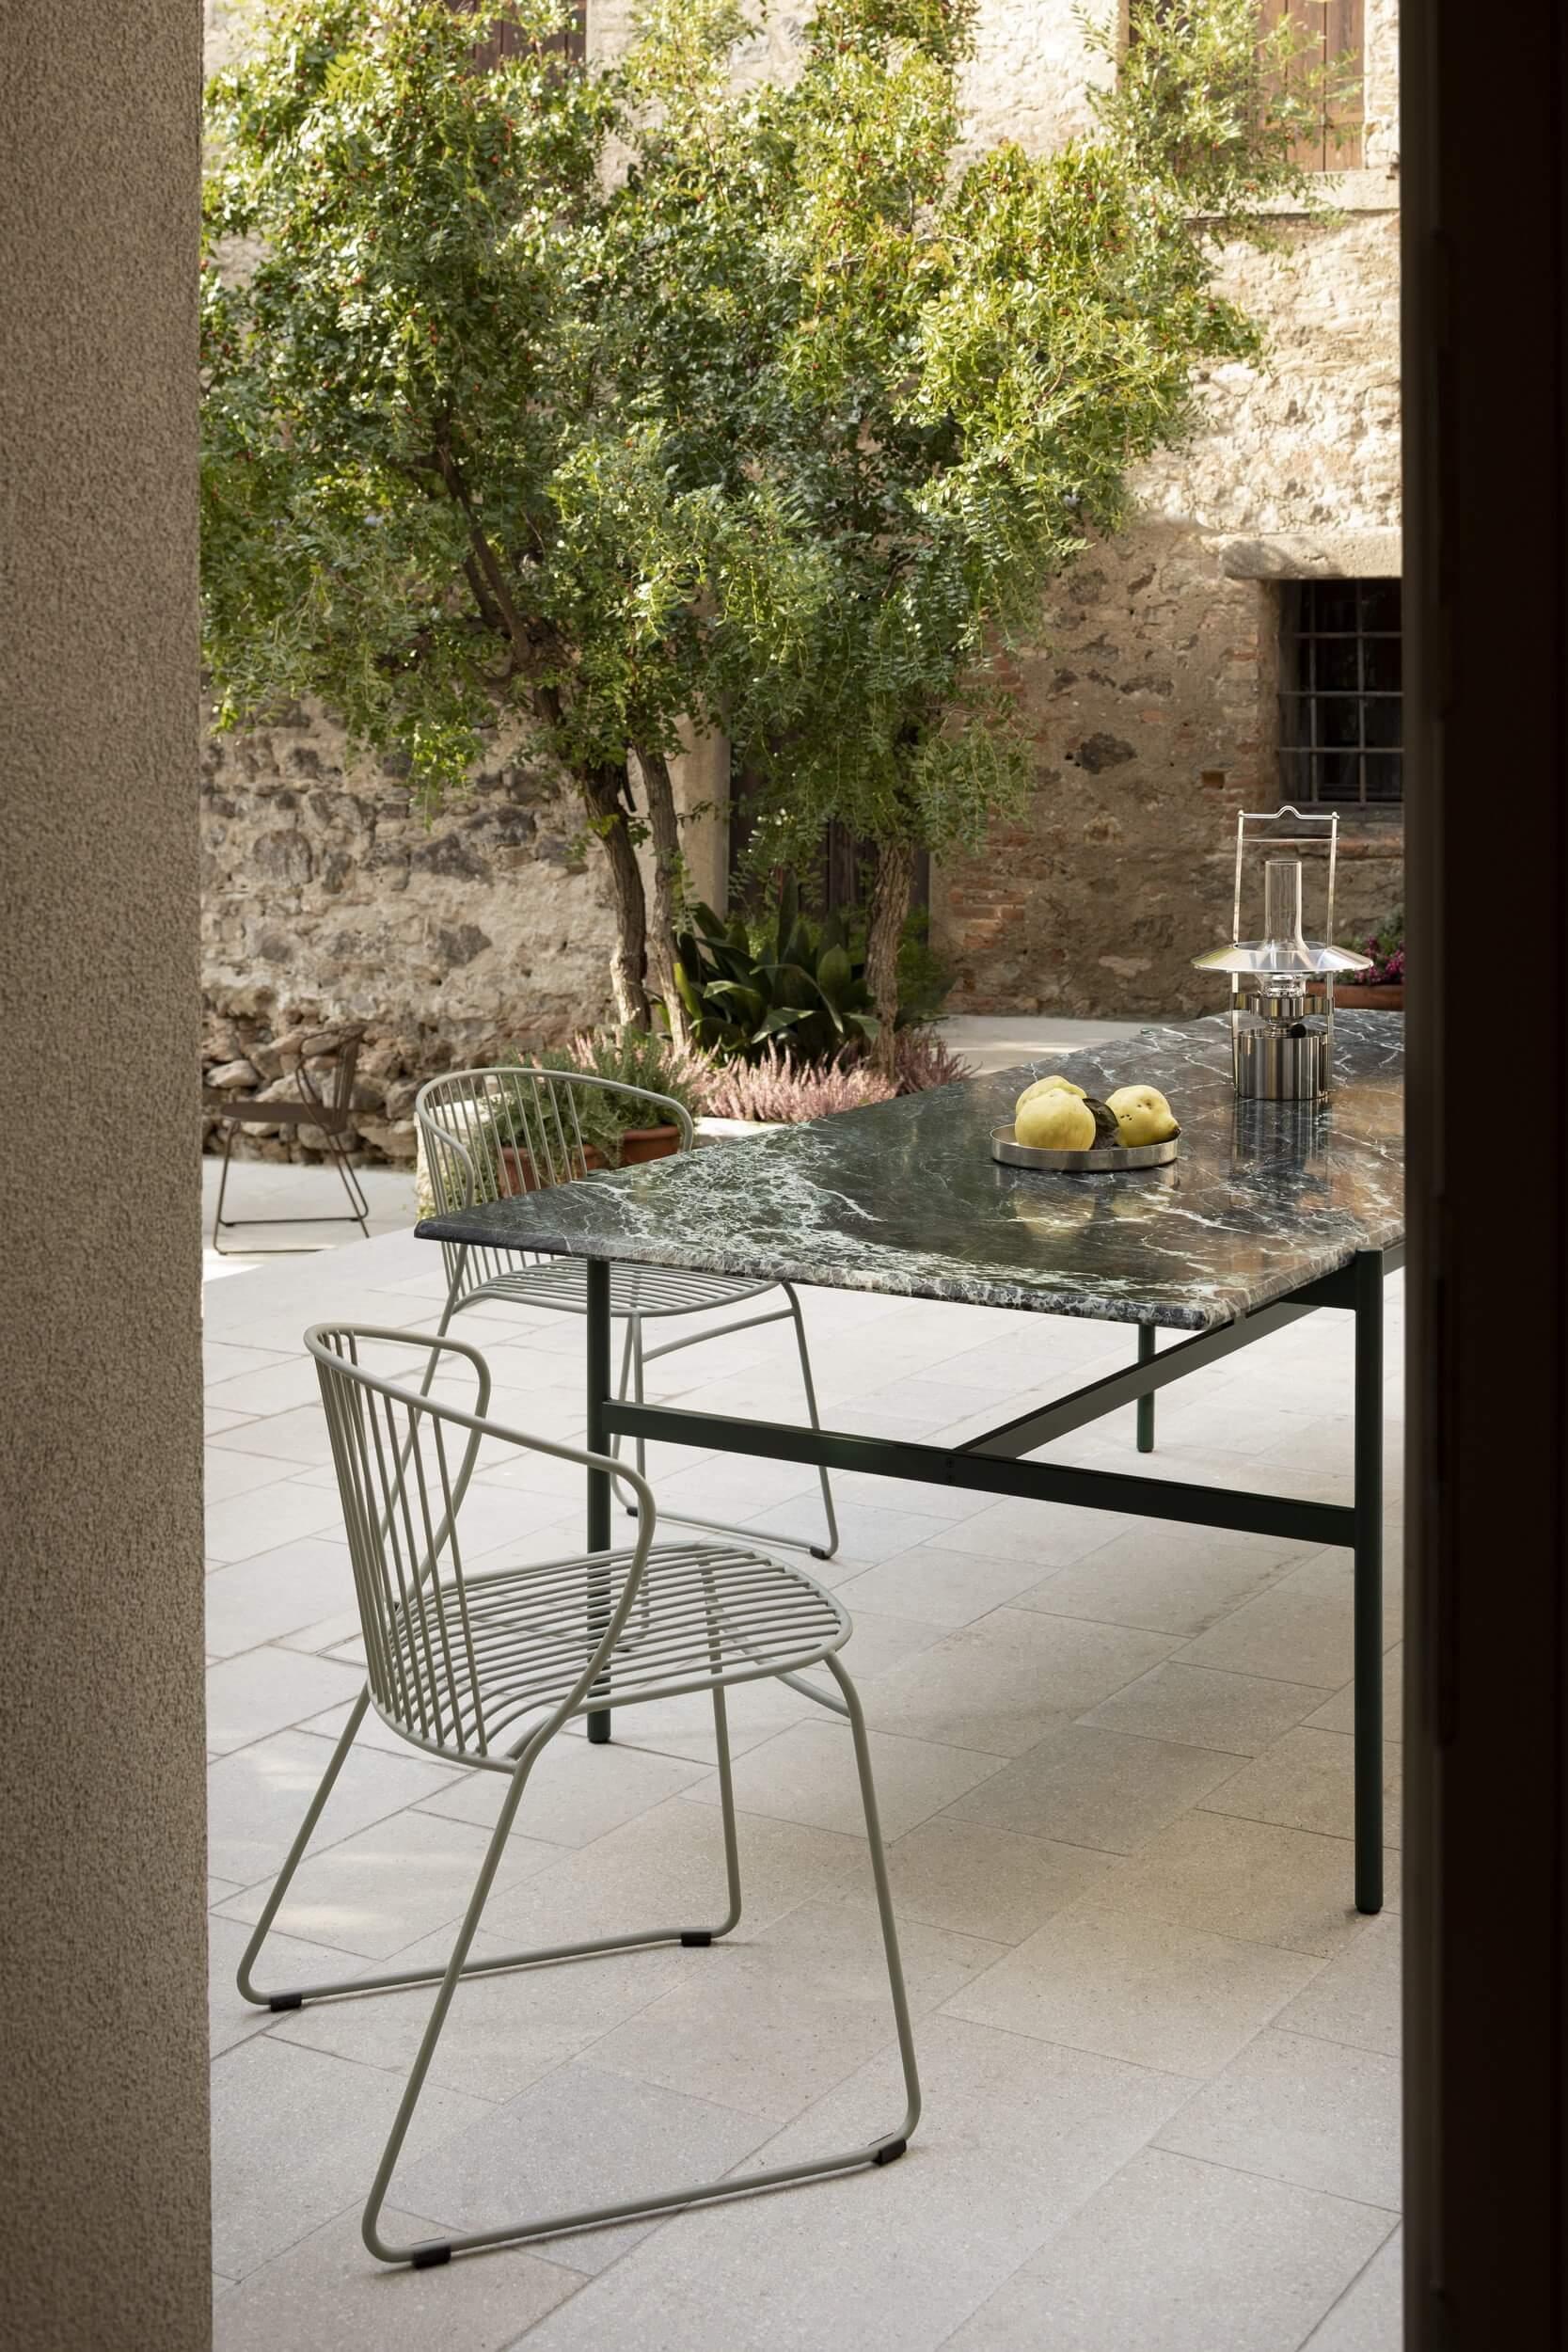 Chaise extérieur professionnel NOT OUT pour les cafés et restaurants.